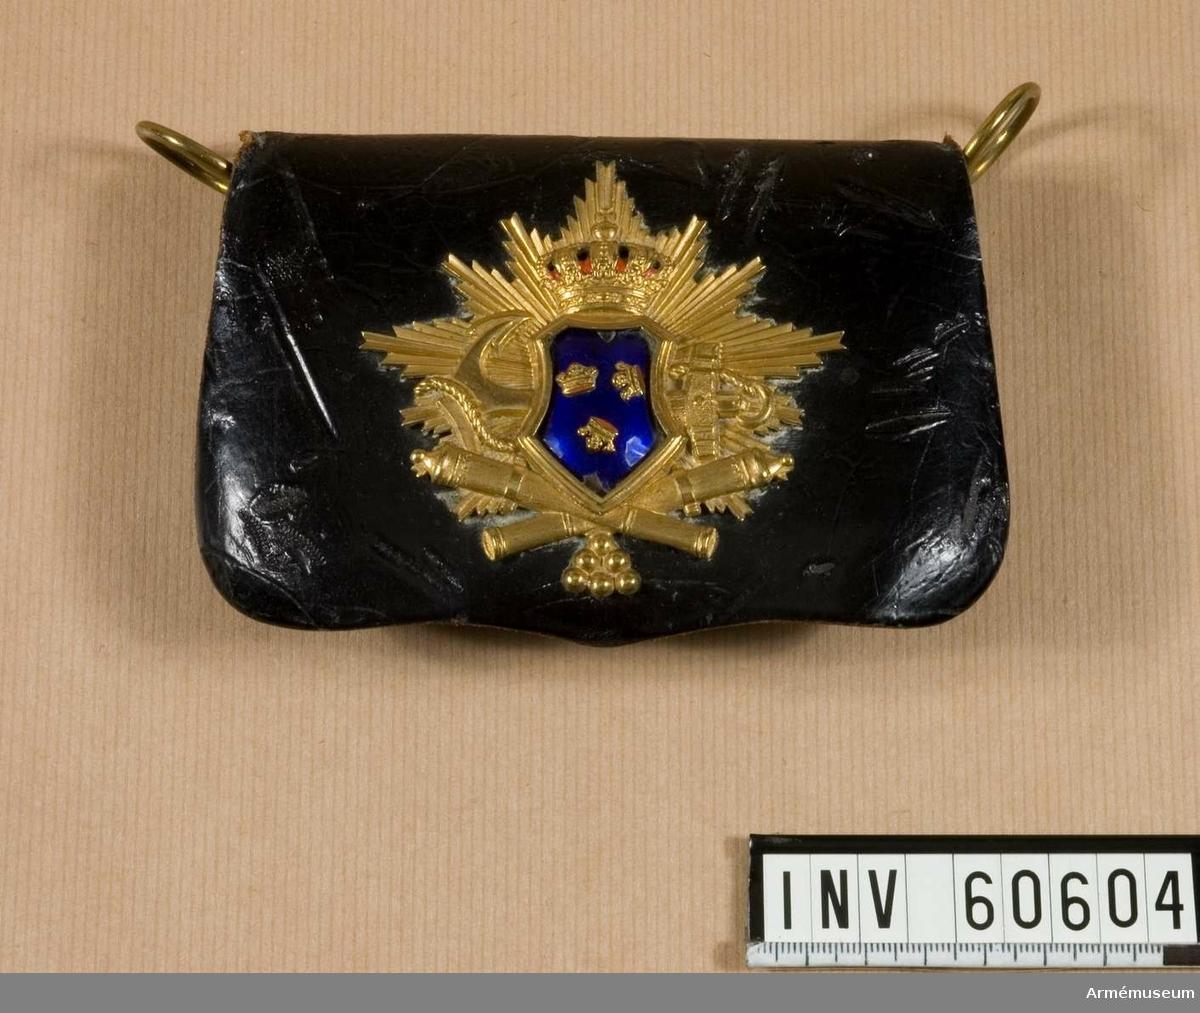 Grupp C I. Ett vågrätt ankare bakom Sveavapnet samt korslagda kanoner, allt på en bakgrund av strålar. Denna plåt har använts av Skärgårdsartilleriet. För såväl Vaxholms- som Karlskronakårerna var riksvapnet av blå emalj med förgyllda kronor för officerare  medan för underofficerare hela plåten var förgylld. Skärgårdsartilleriet var det som senare blev Karlskrona  artillerikår år 1893.